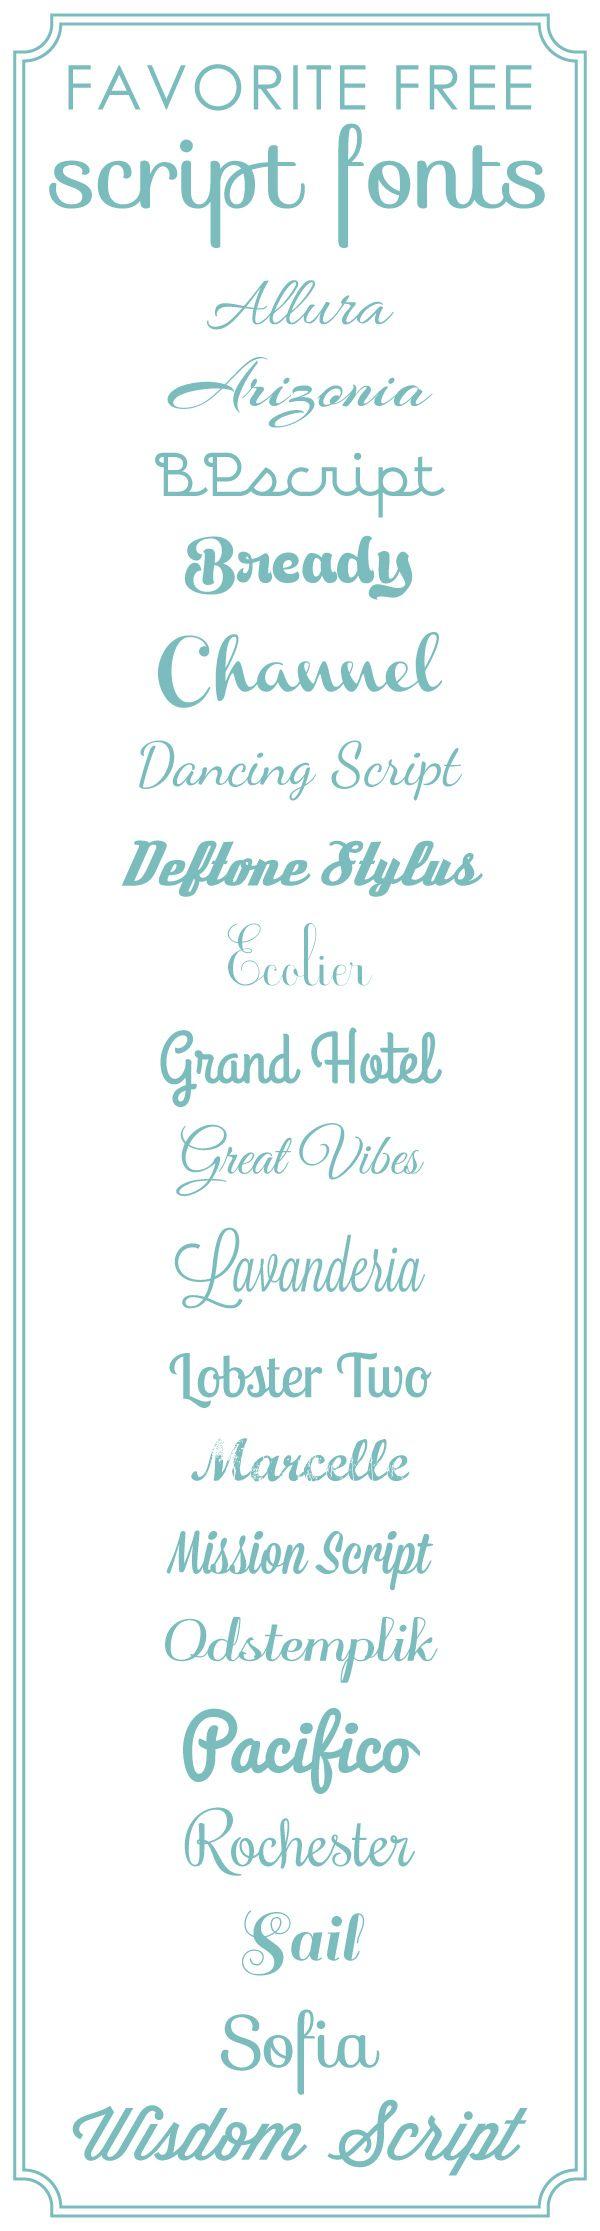 Favorite Free Scrapbook Fonts Script From Suzyq Scraps Fonts